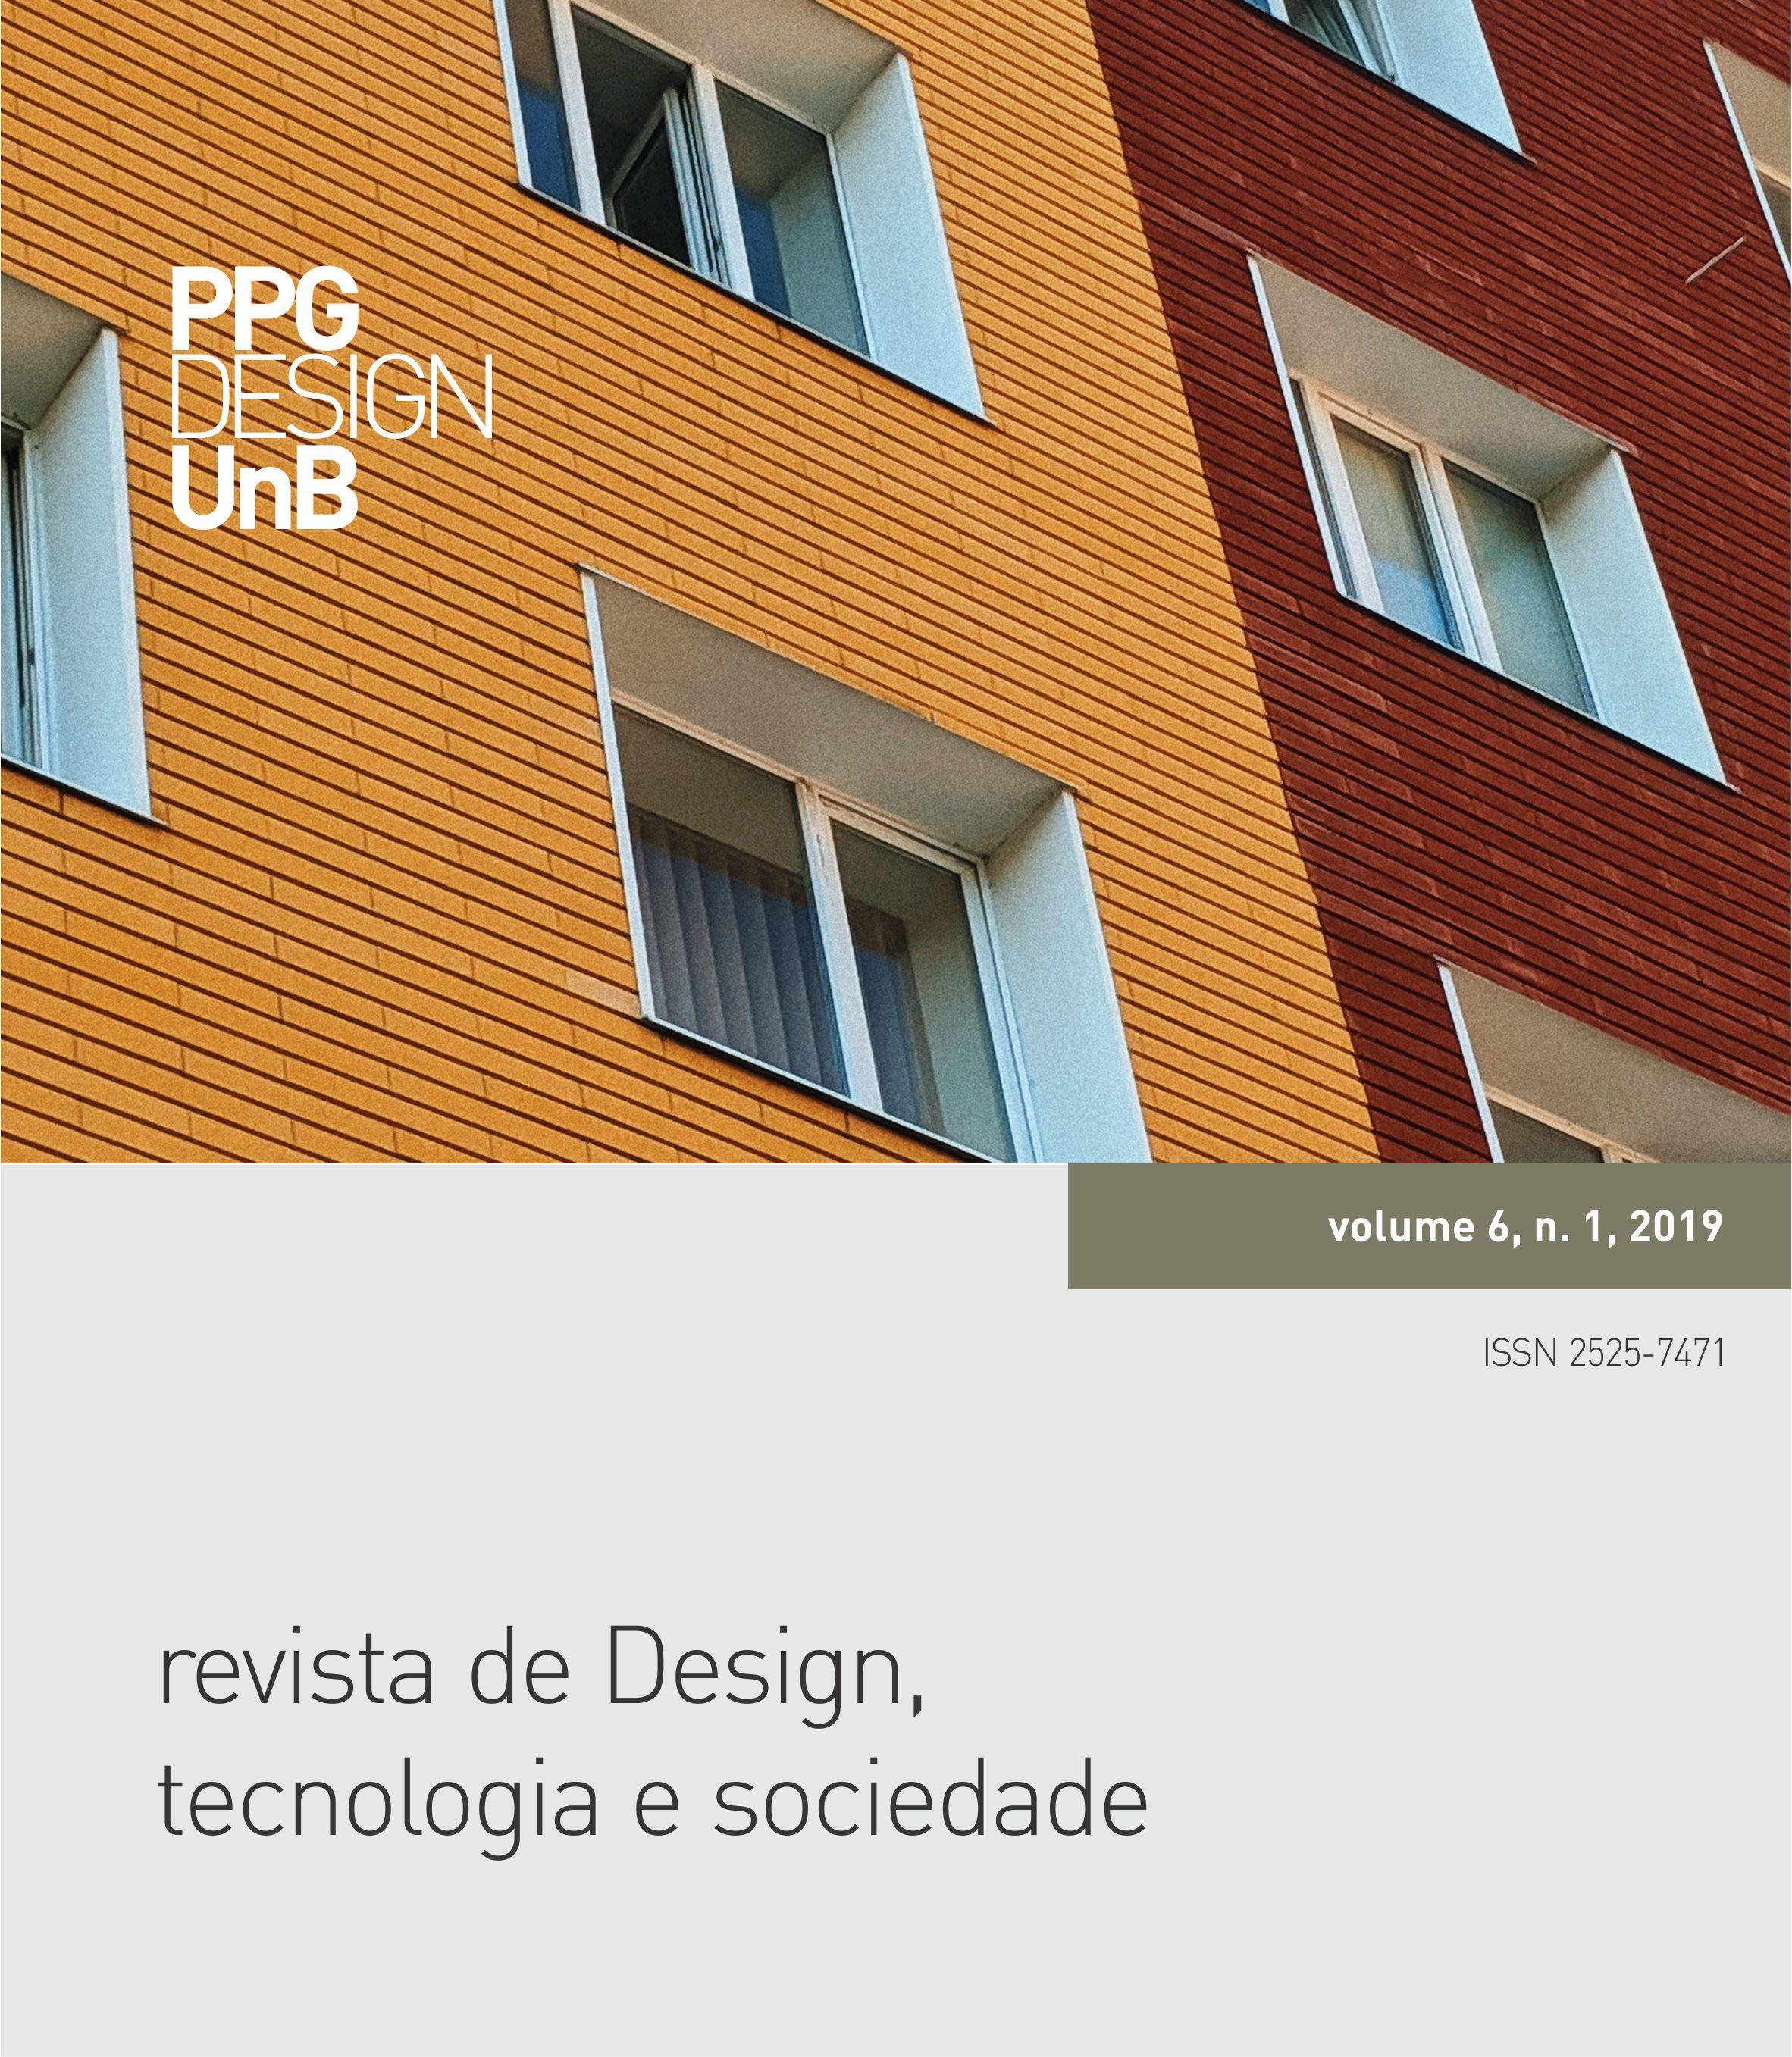 Capa da Revista de Design, Tecnologia e Sociedade